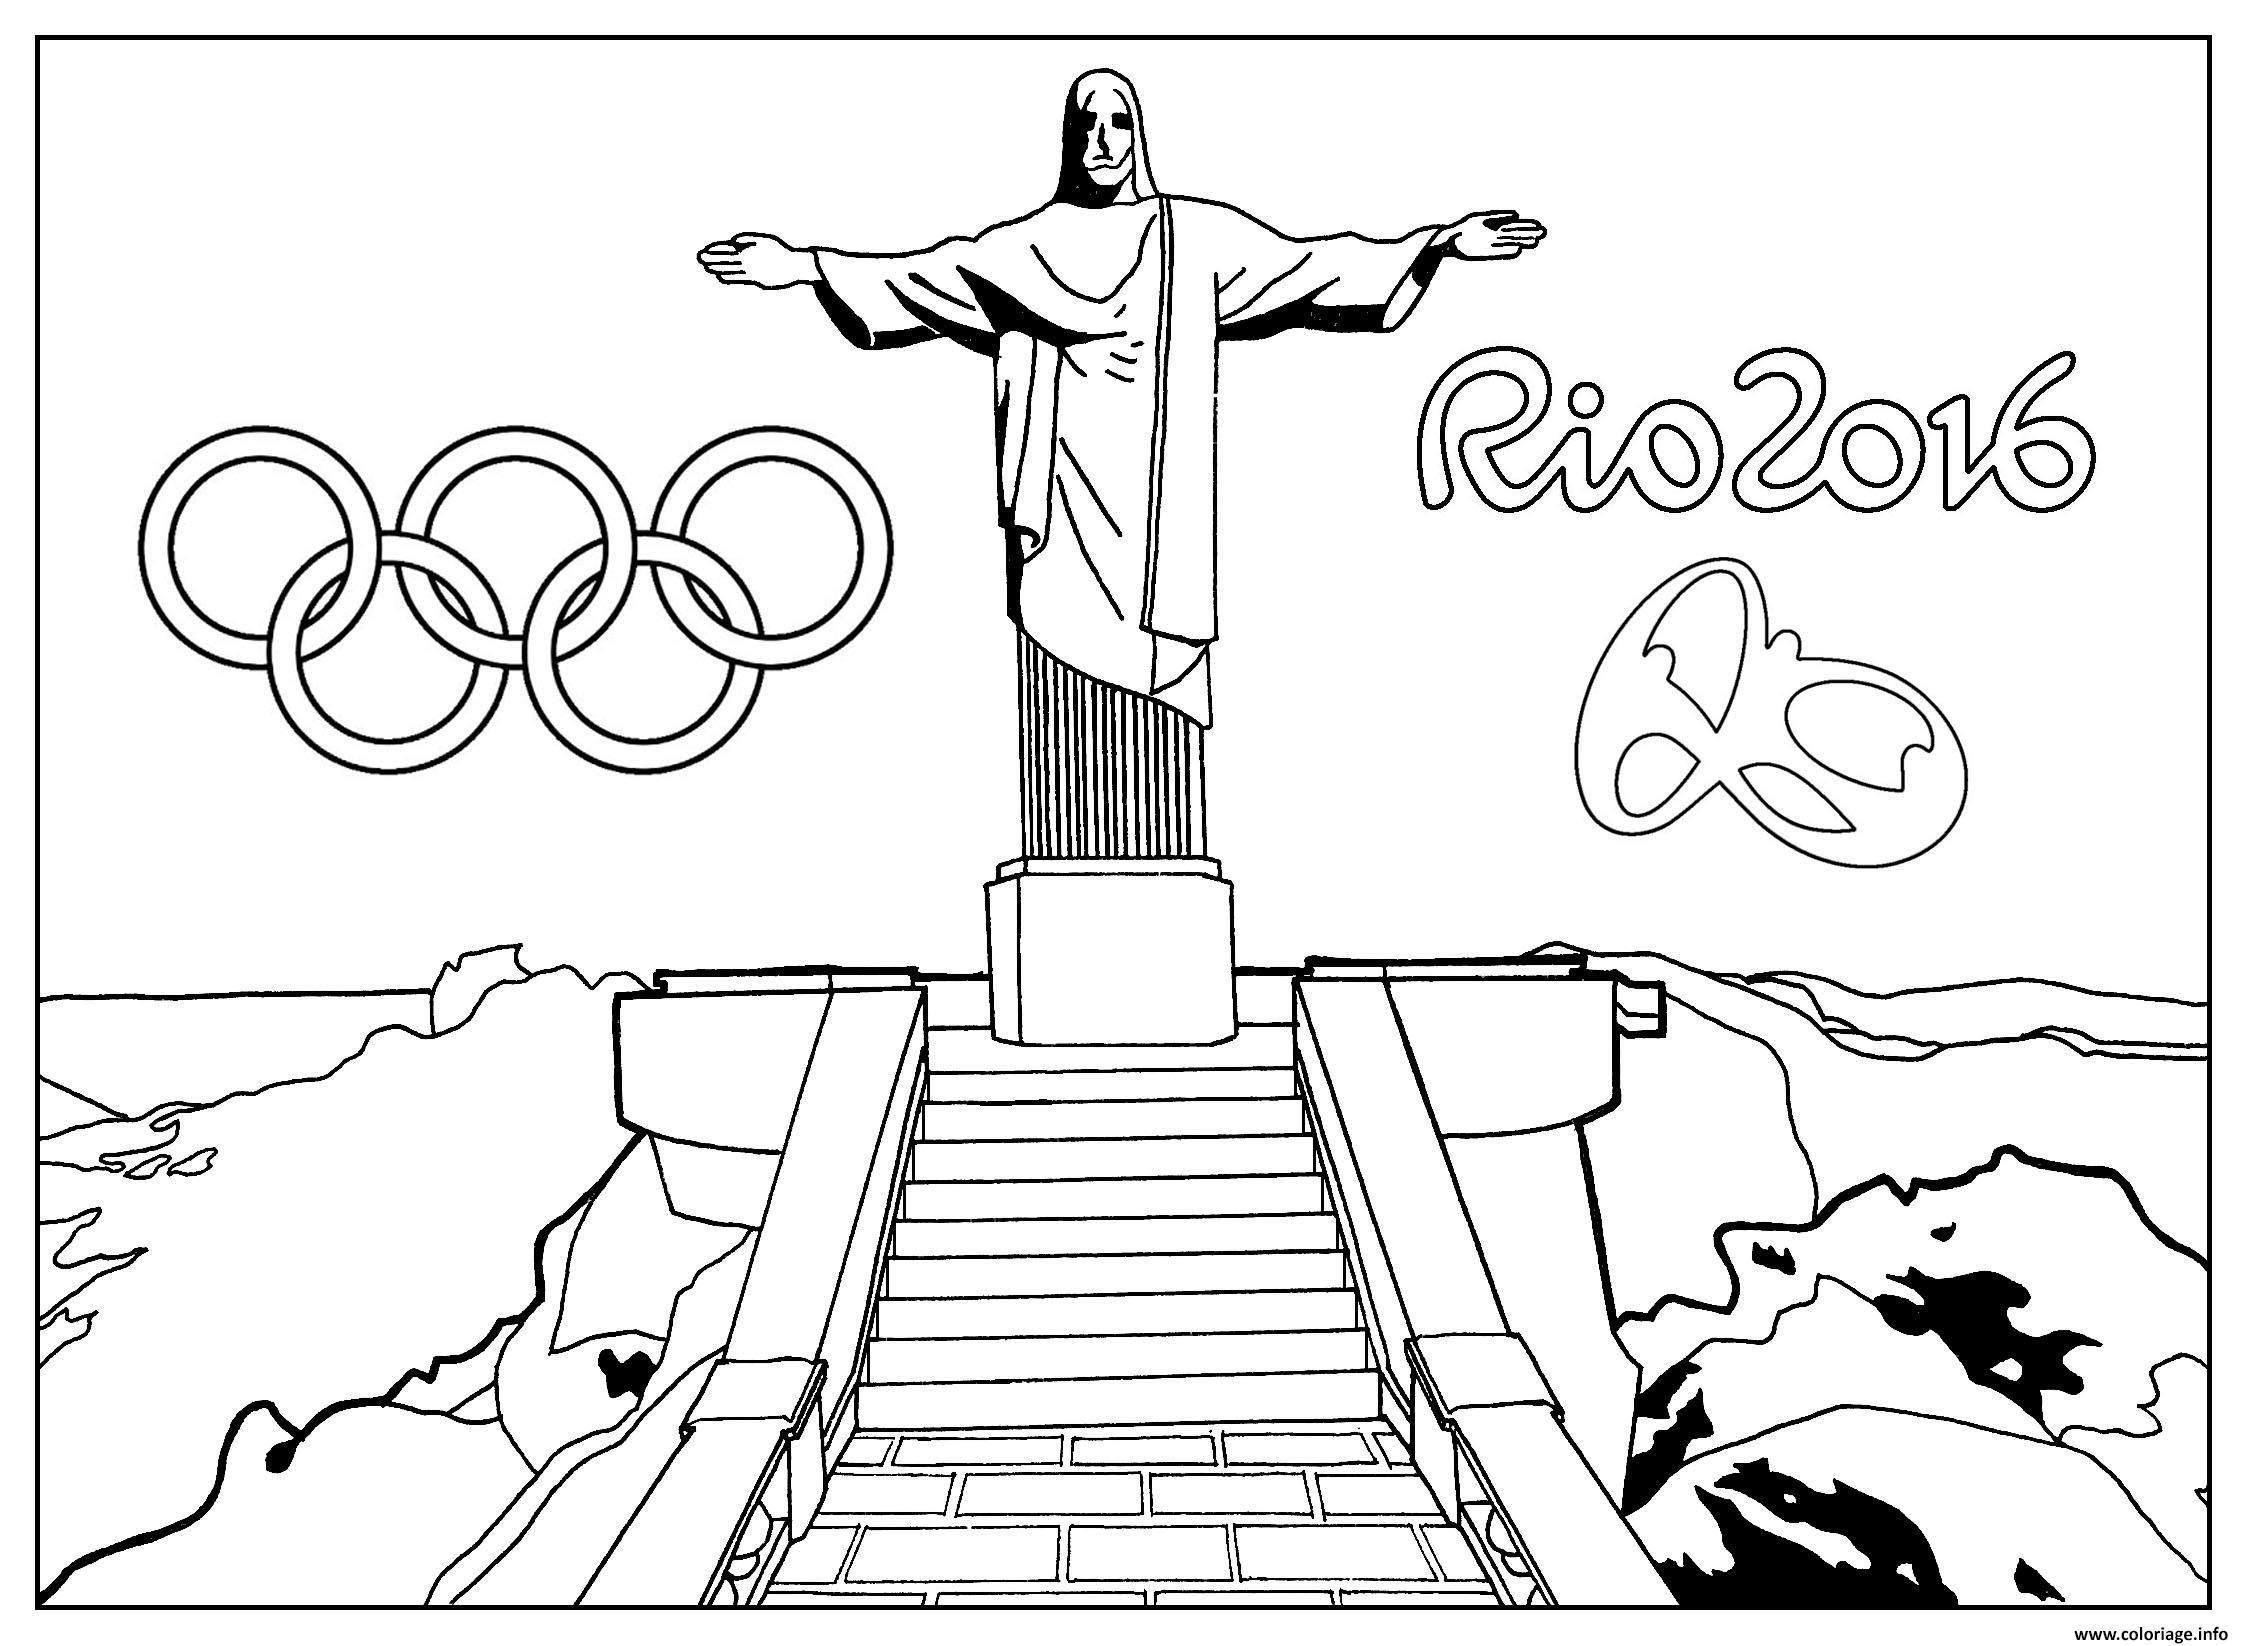 Dessin rio 2016 jeux olympiques statue christ redempteur rio de janero Coloriage Gratuit à Imprimer